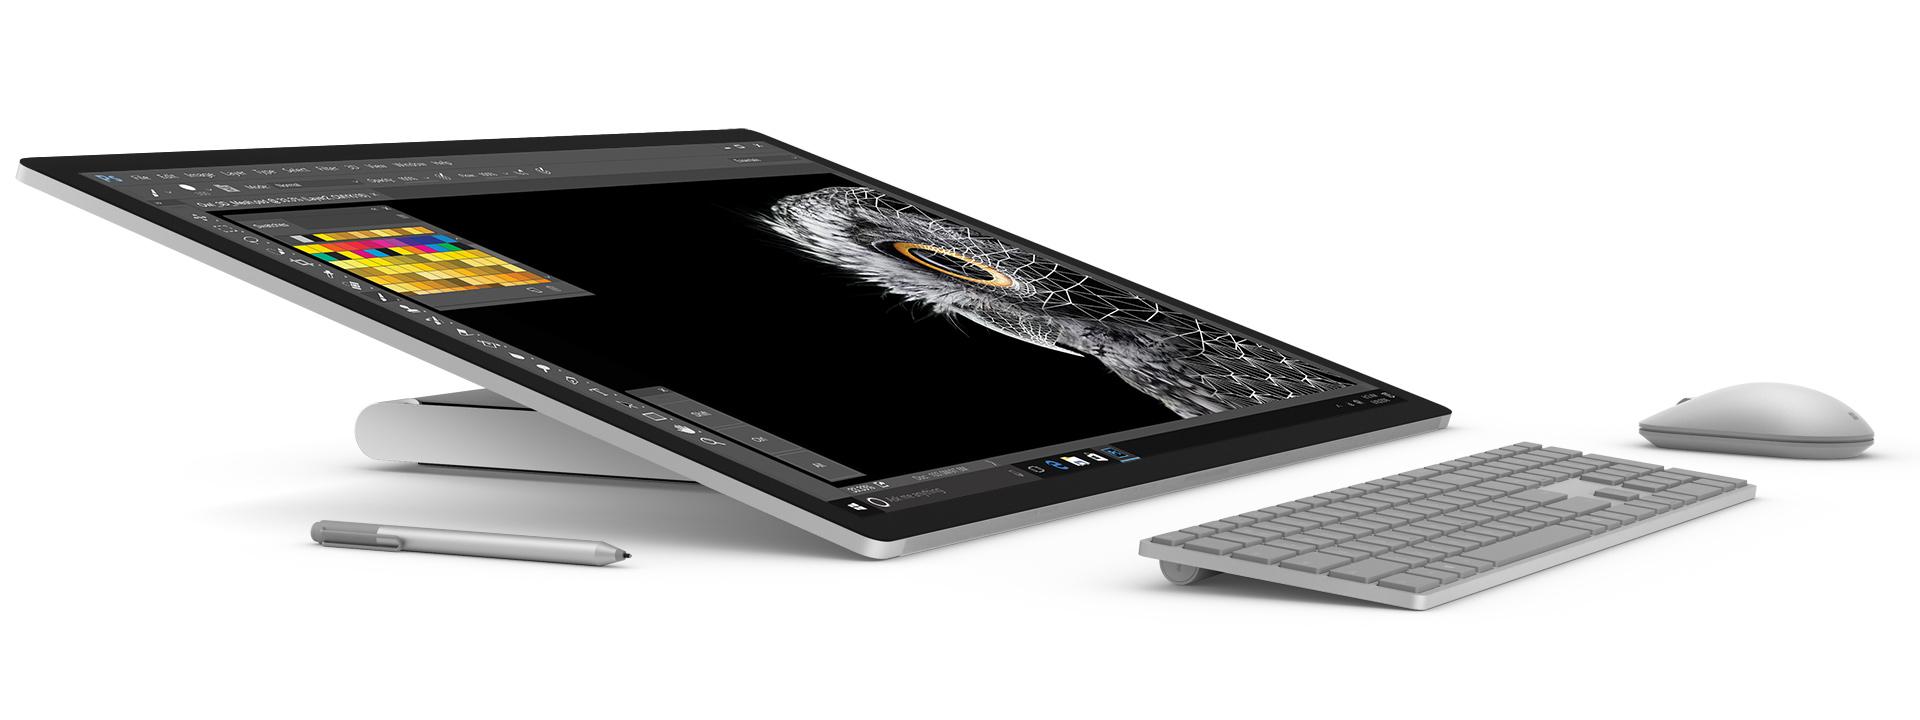 Surface Studio à plat en mode Studio, tourné vers la droite avec un stylet, un clavier et une souris Surface devant